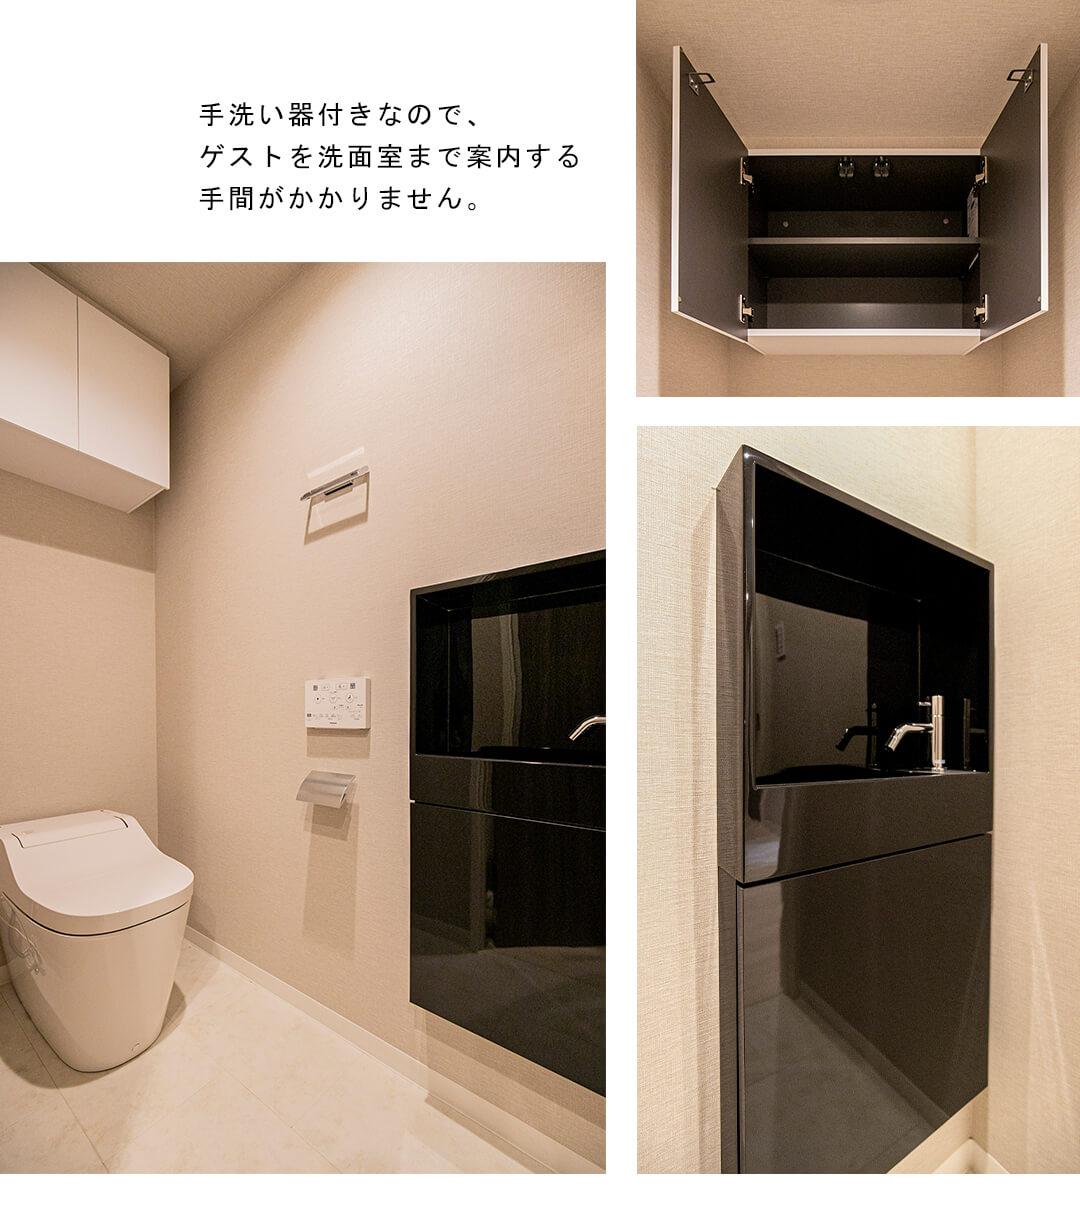 東京タイムズタワーのトイレ